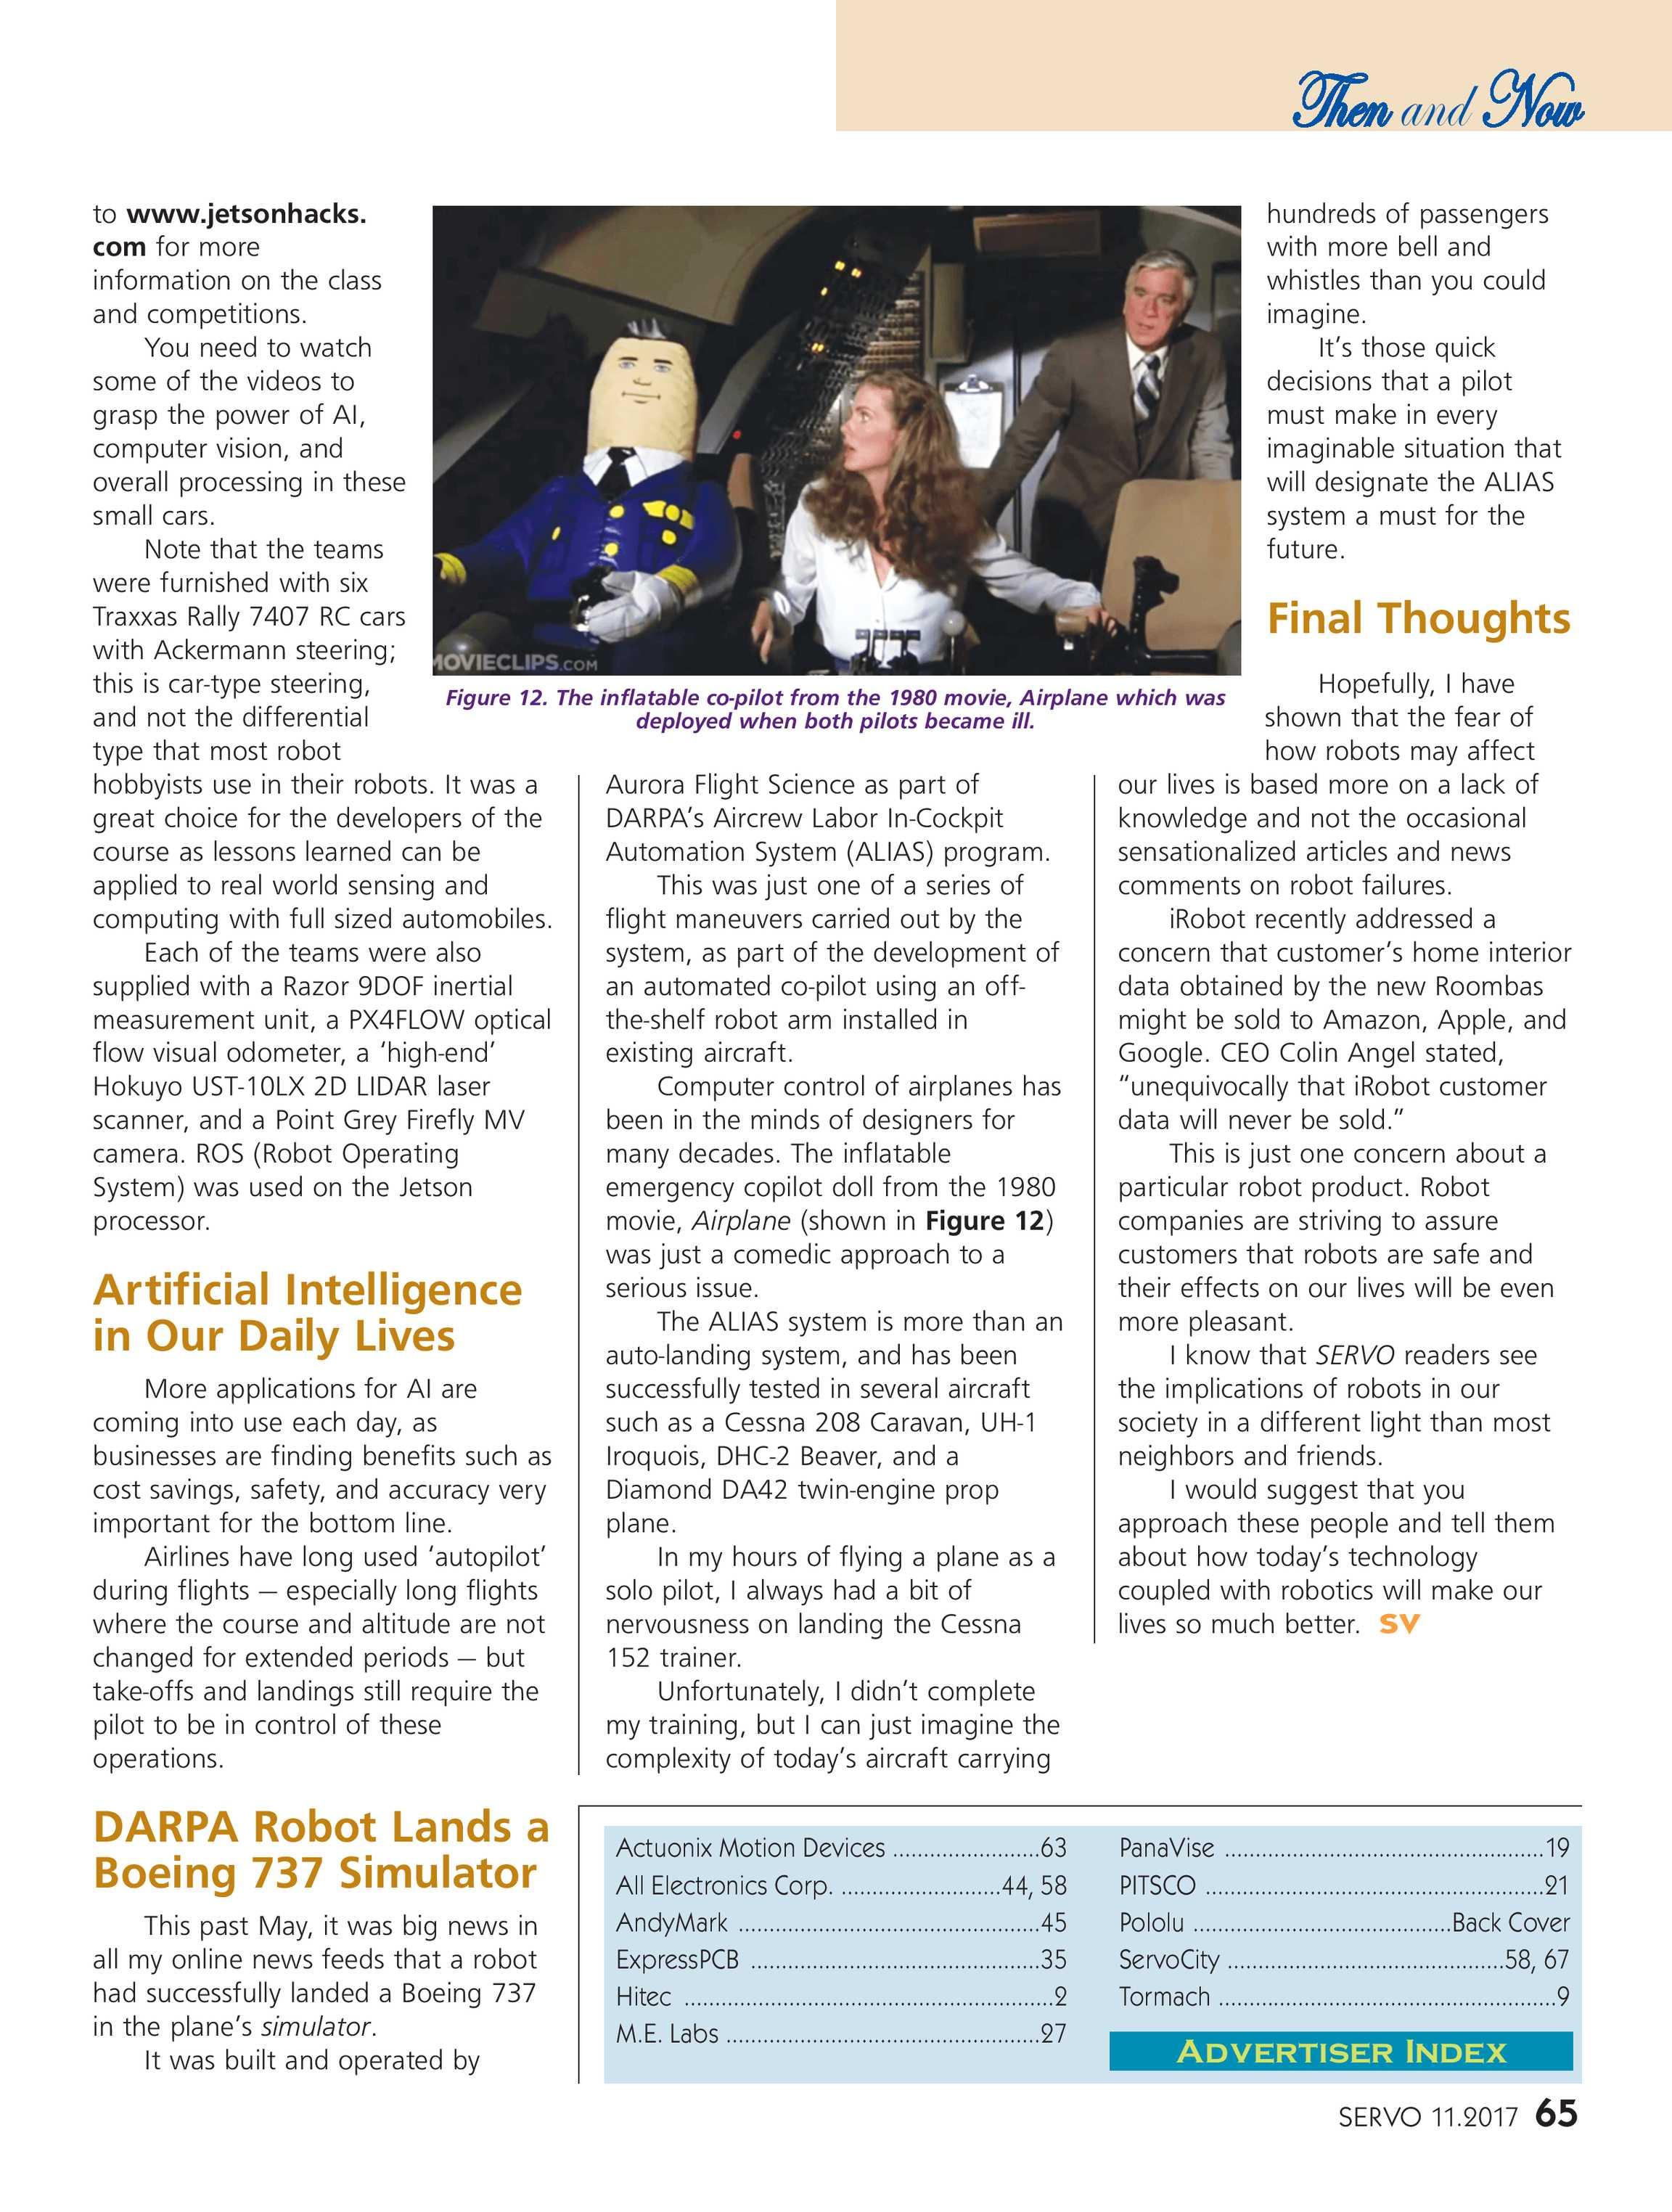 Servo - November 2017 - page 65